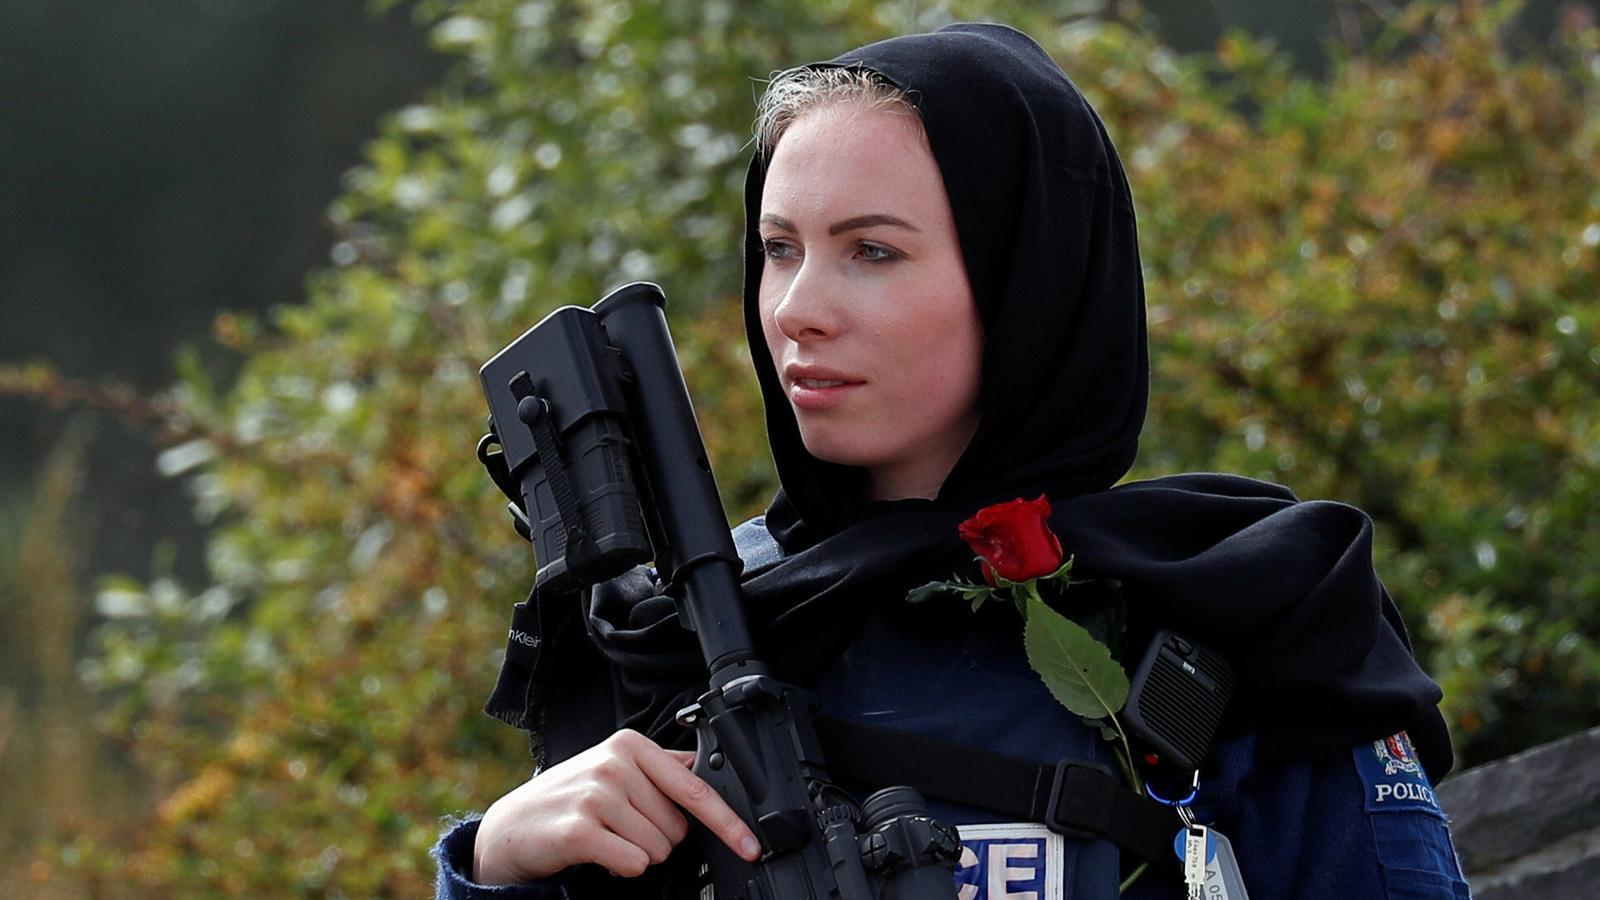 Nova Zelanda prohibirà les armes semiautomàtiques i d'estil militar